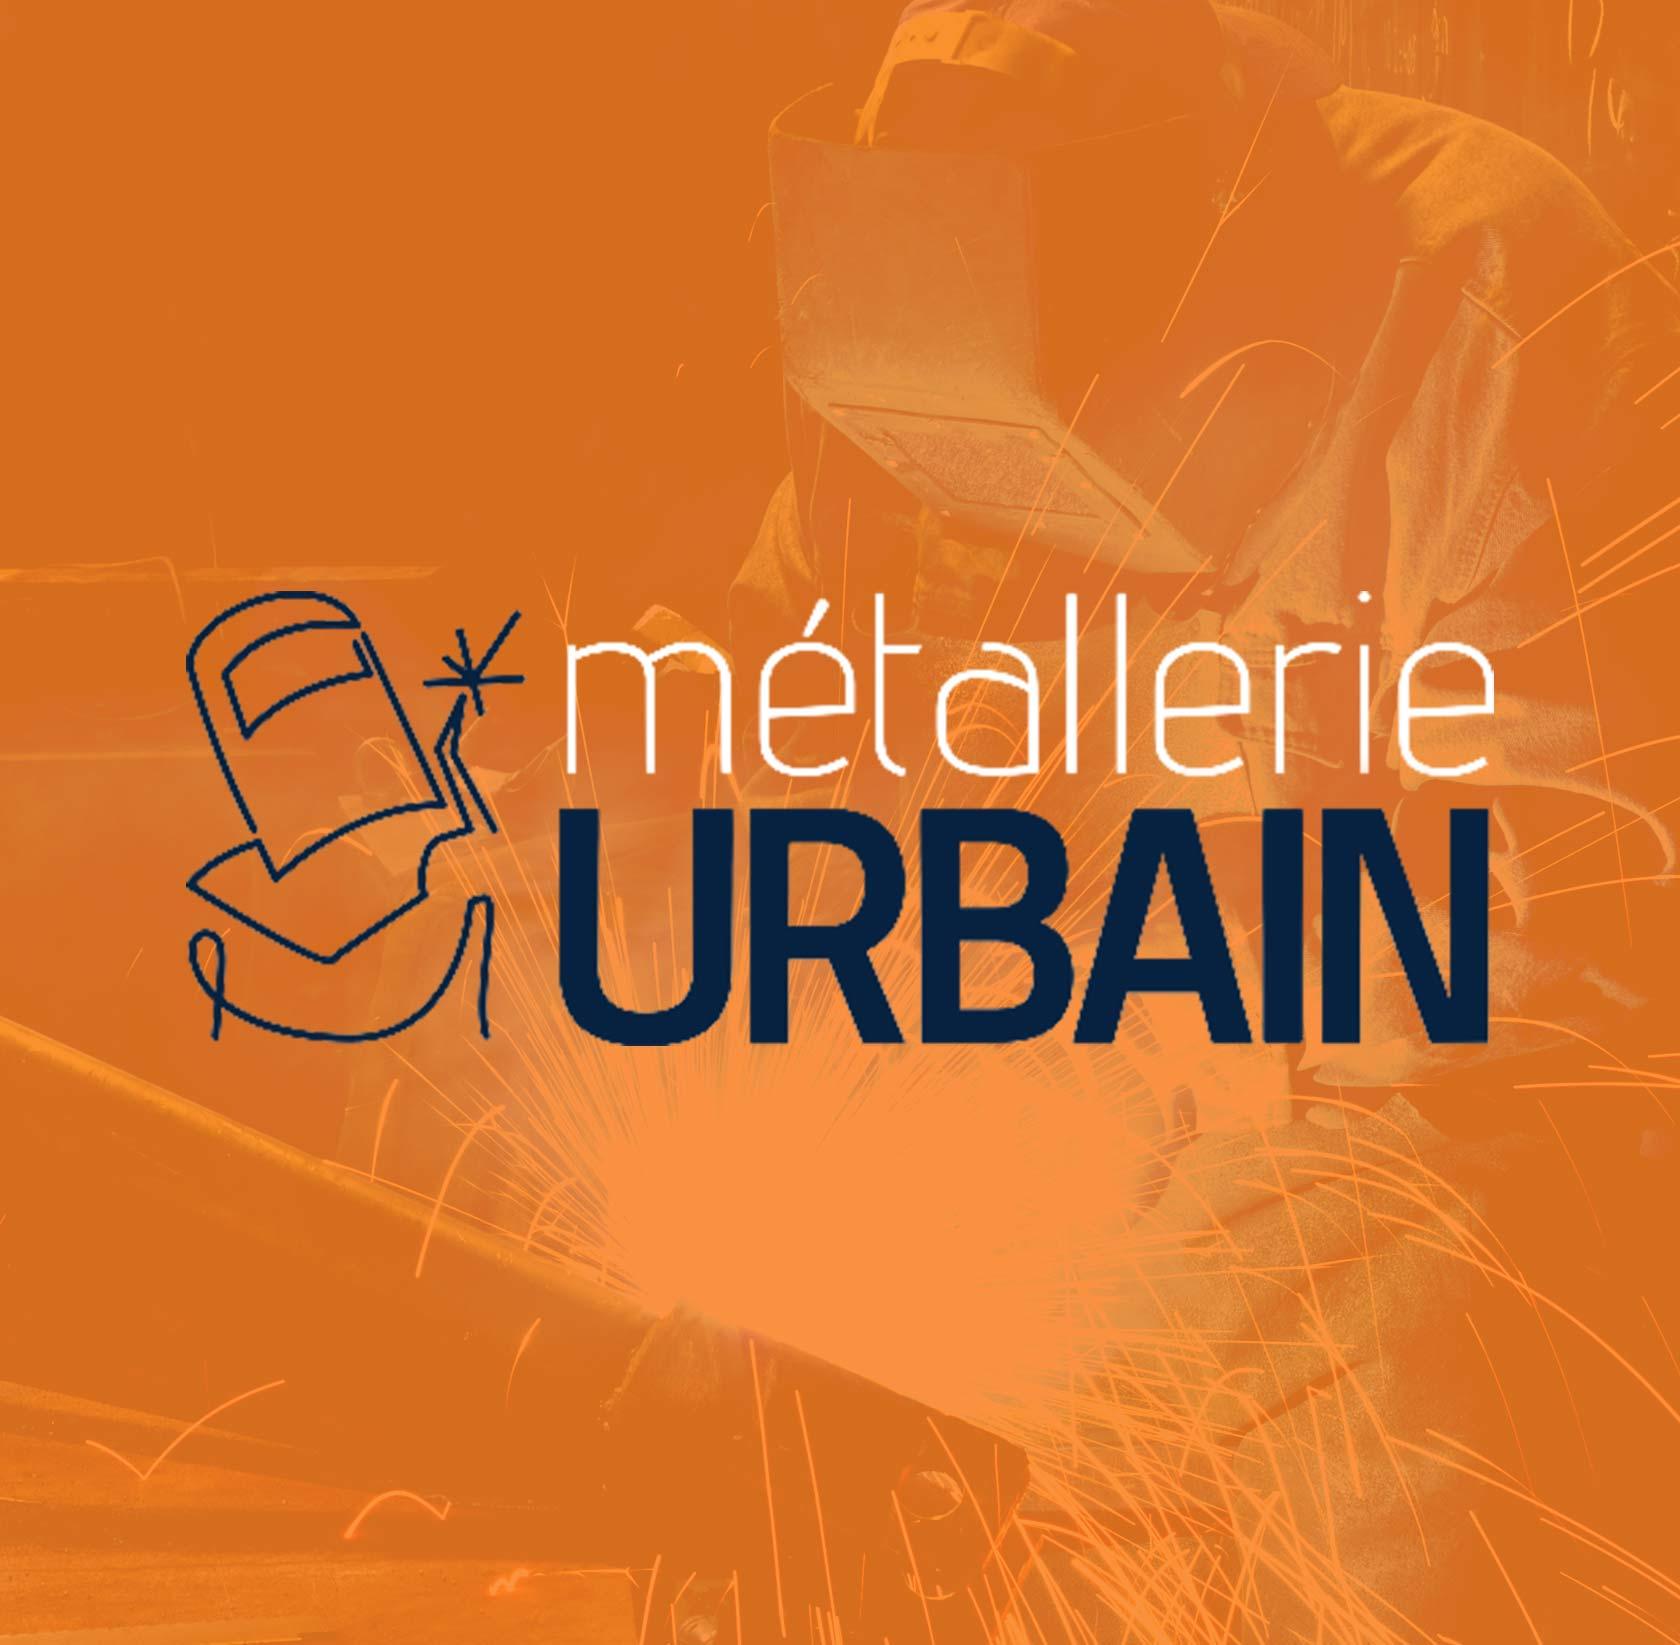 MetallerieUrbain